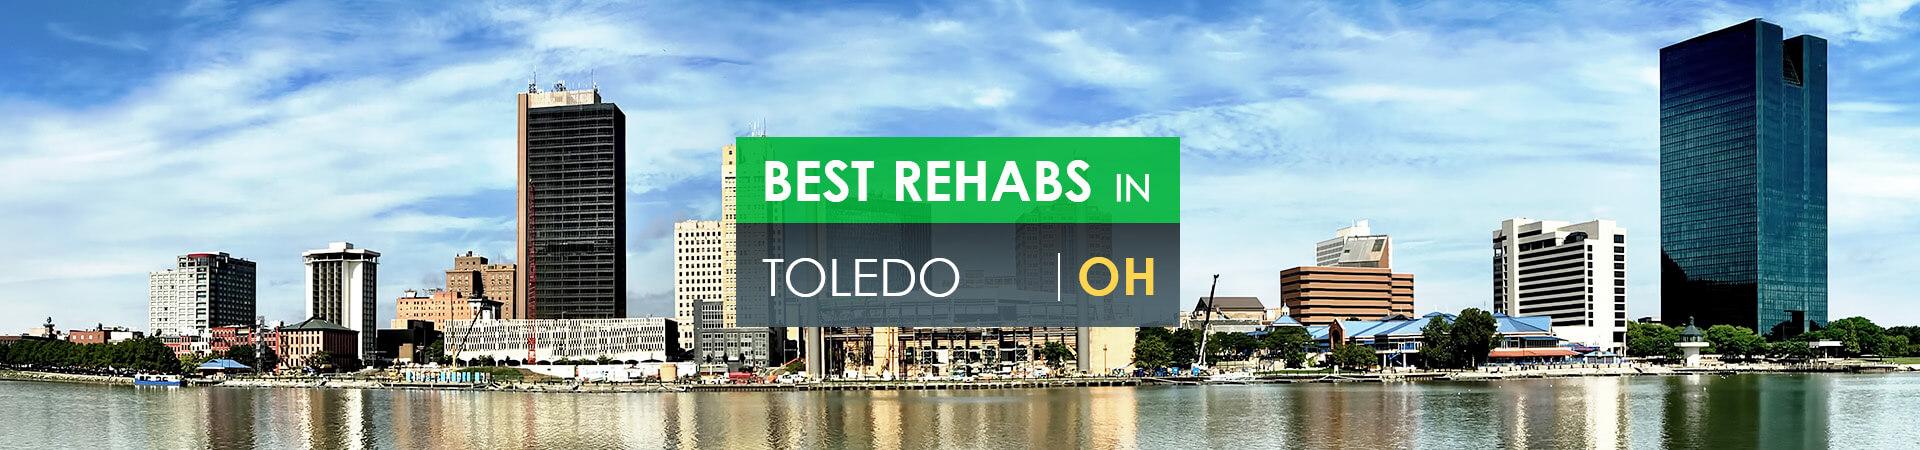 Best rehabs in Toledo, OH